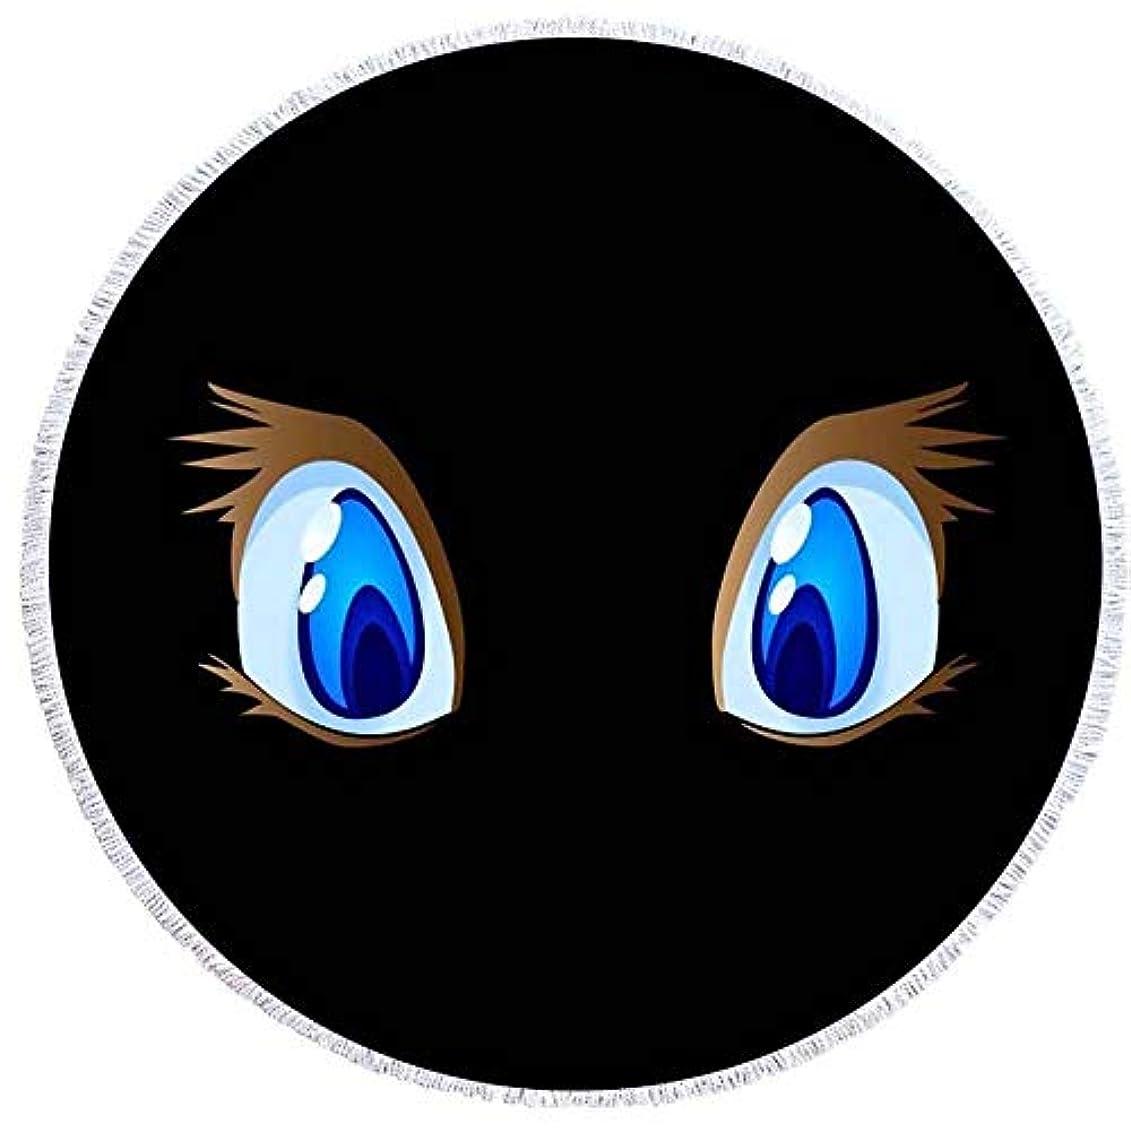 曖昧な混乱させるブロッサムエジプトアイプリントラウンドビーチタオルタッセル付きマイクロファイバーヨガマットフィットネスピクニック毛布150cm (色 : 4, サイズ : 150CM)